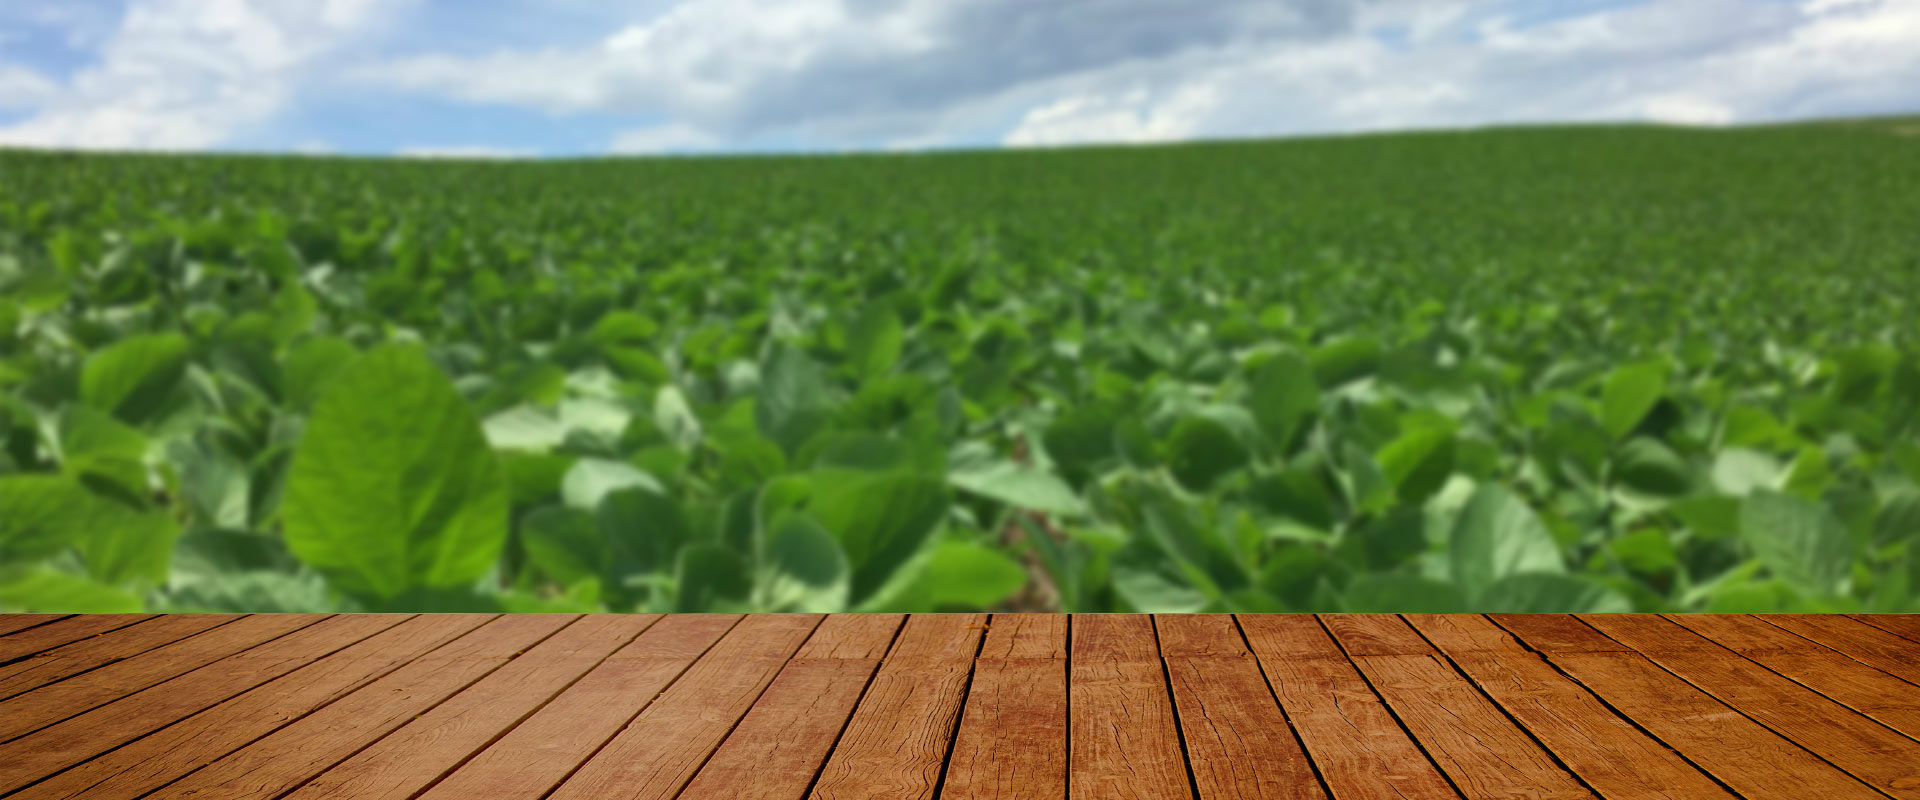 Mineirão Sementes para Pastagem. Ao longo de sua história, a Mineirão Sementes para Pastagem desenvolveu uma sólida expertise na produção de sementes. A segurança de investir em qualidade